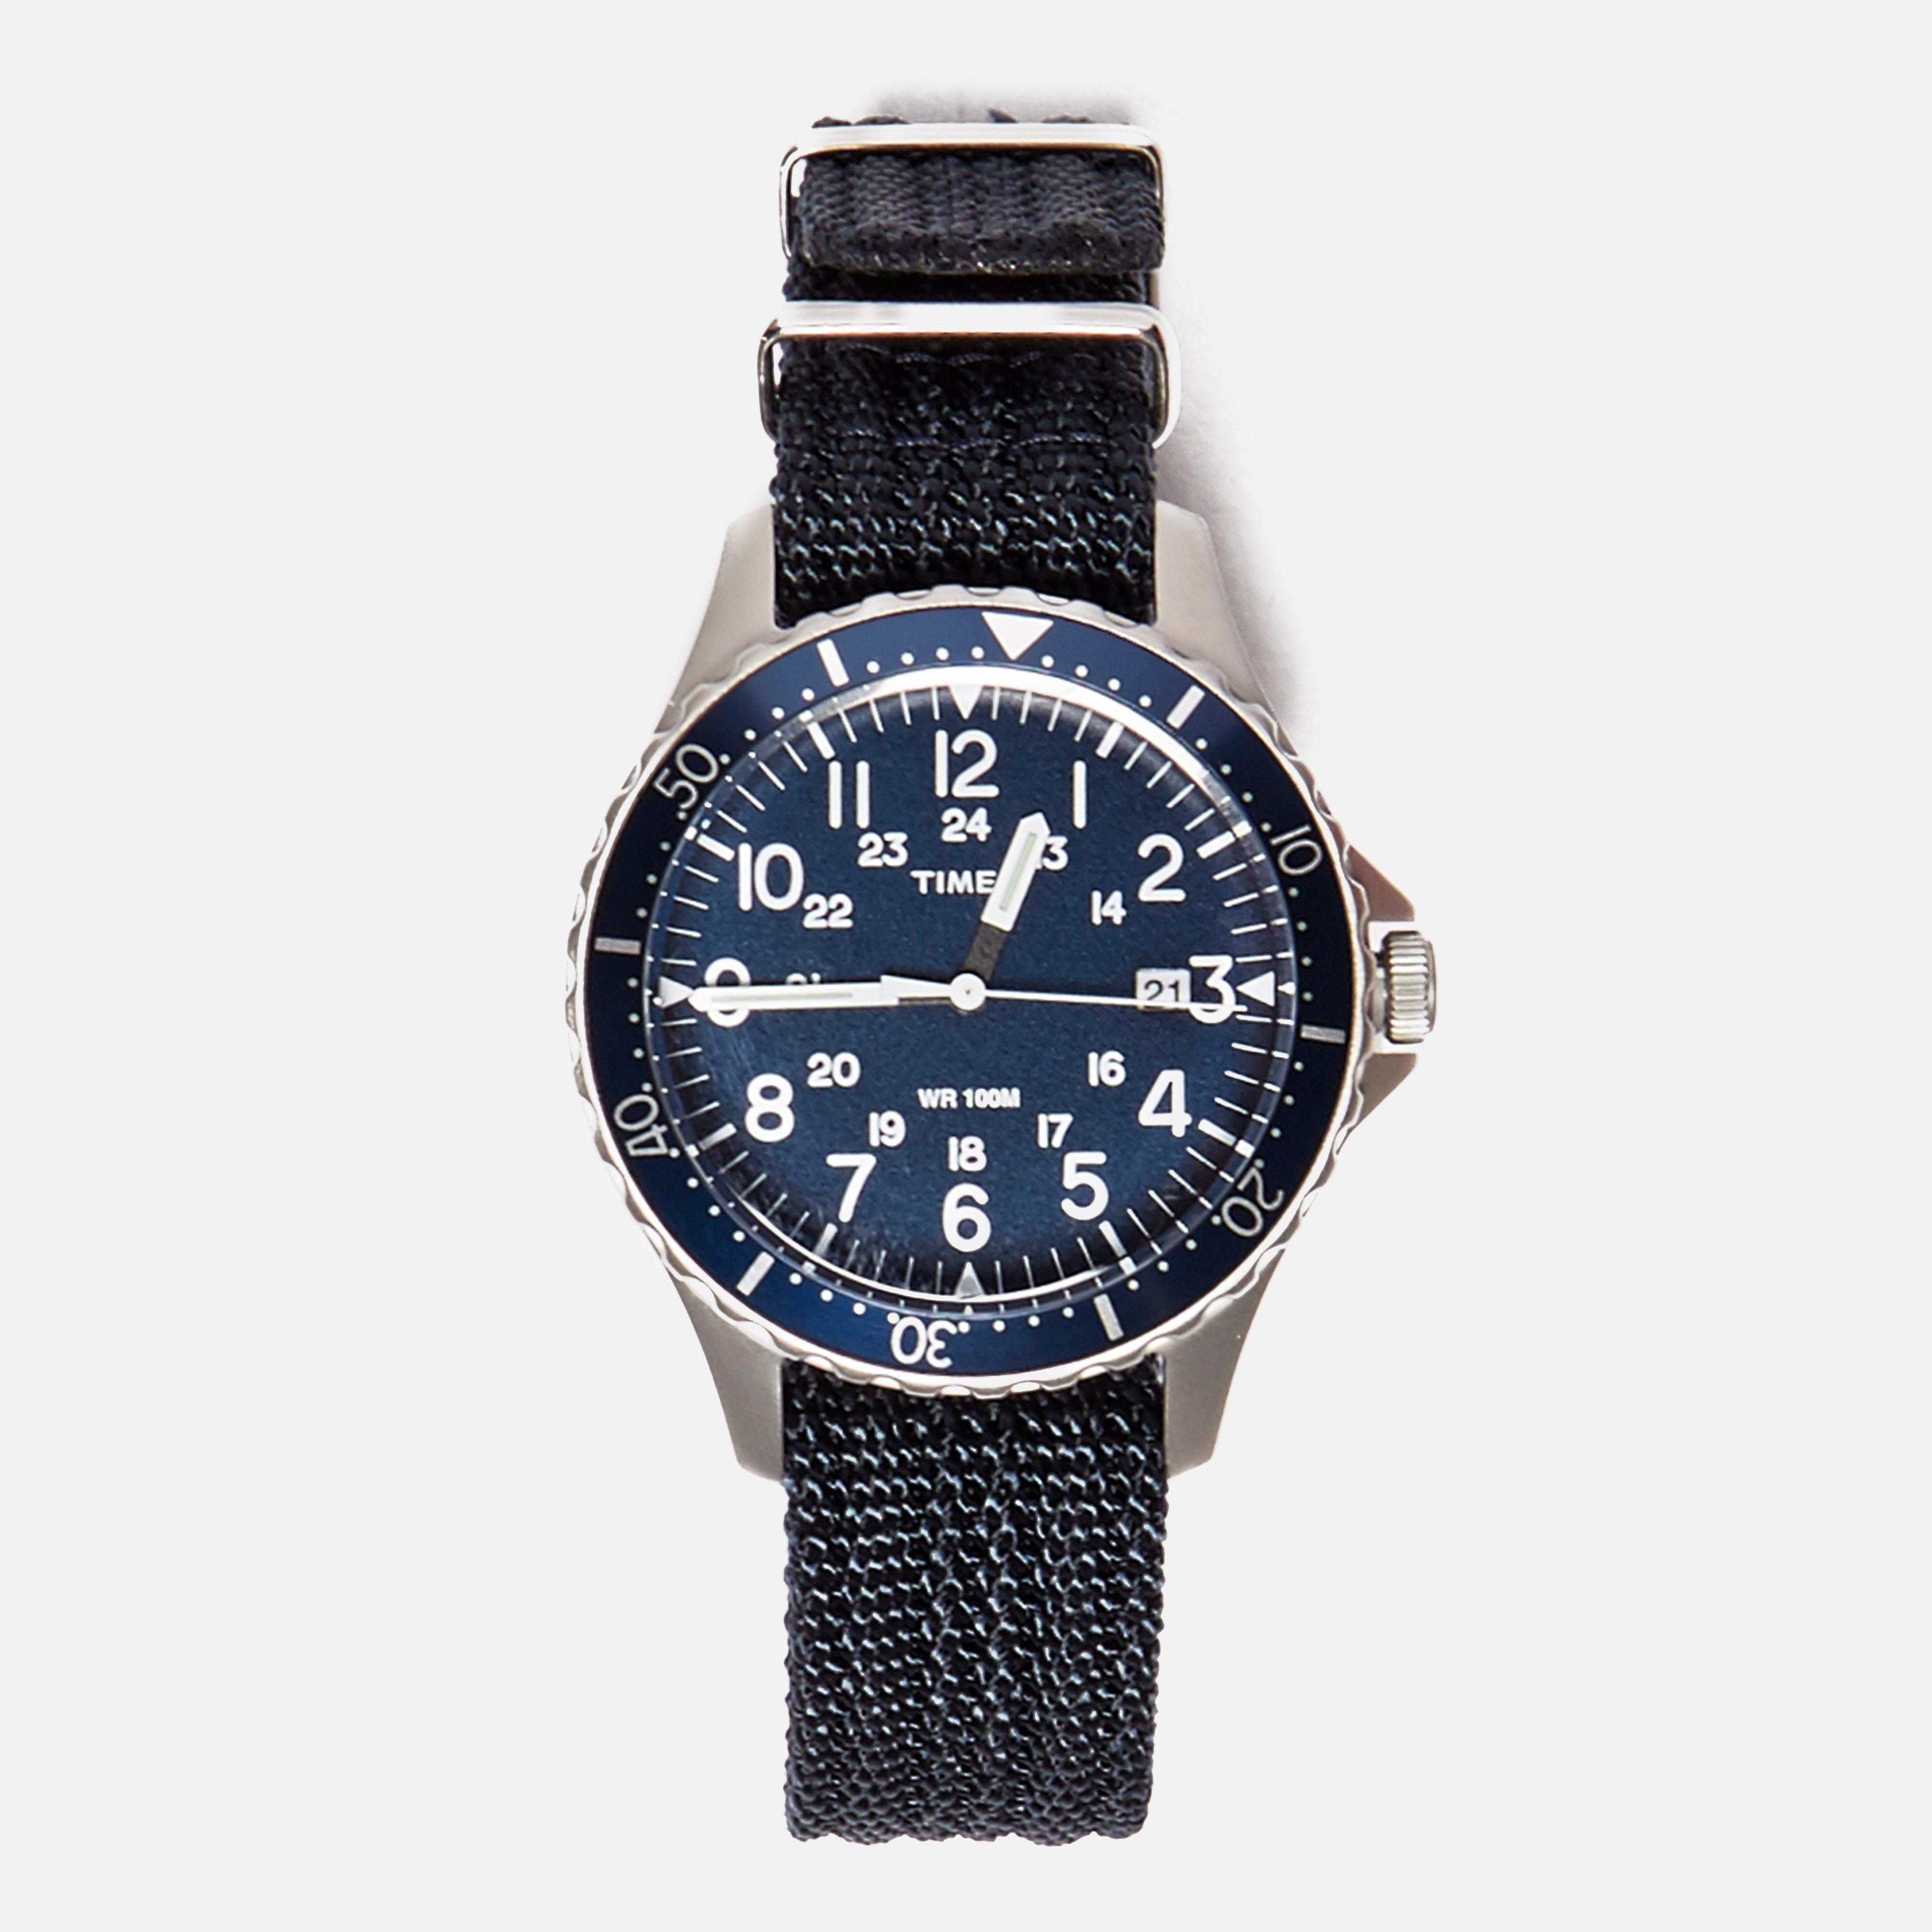 Timex Navi Ocean Bead Blasted Watch